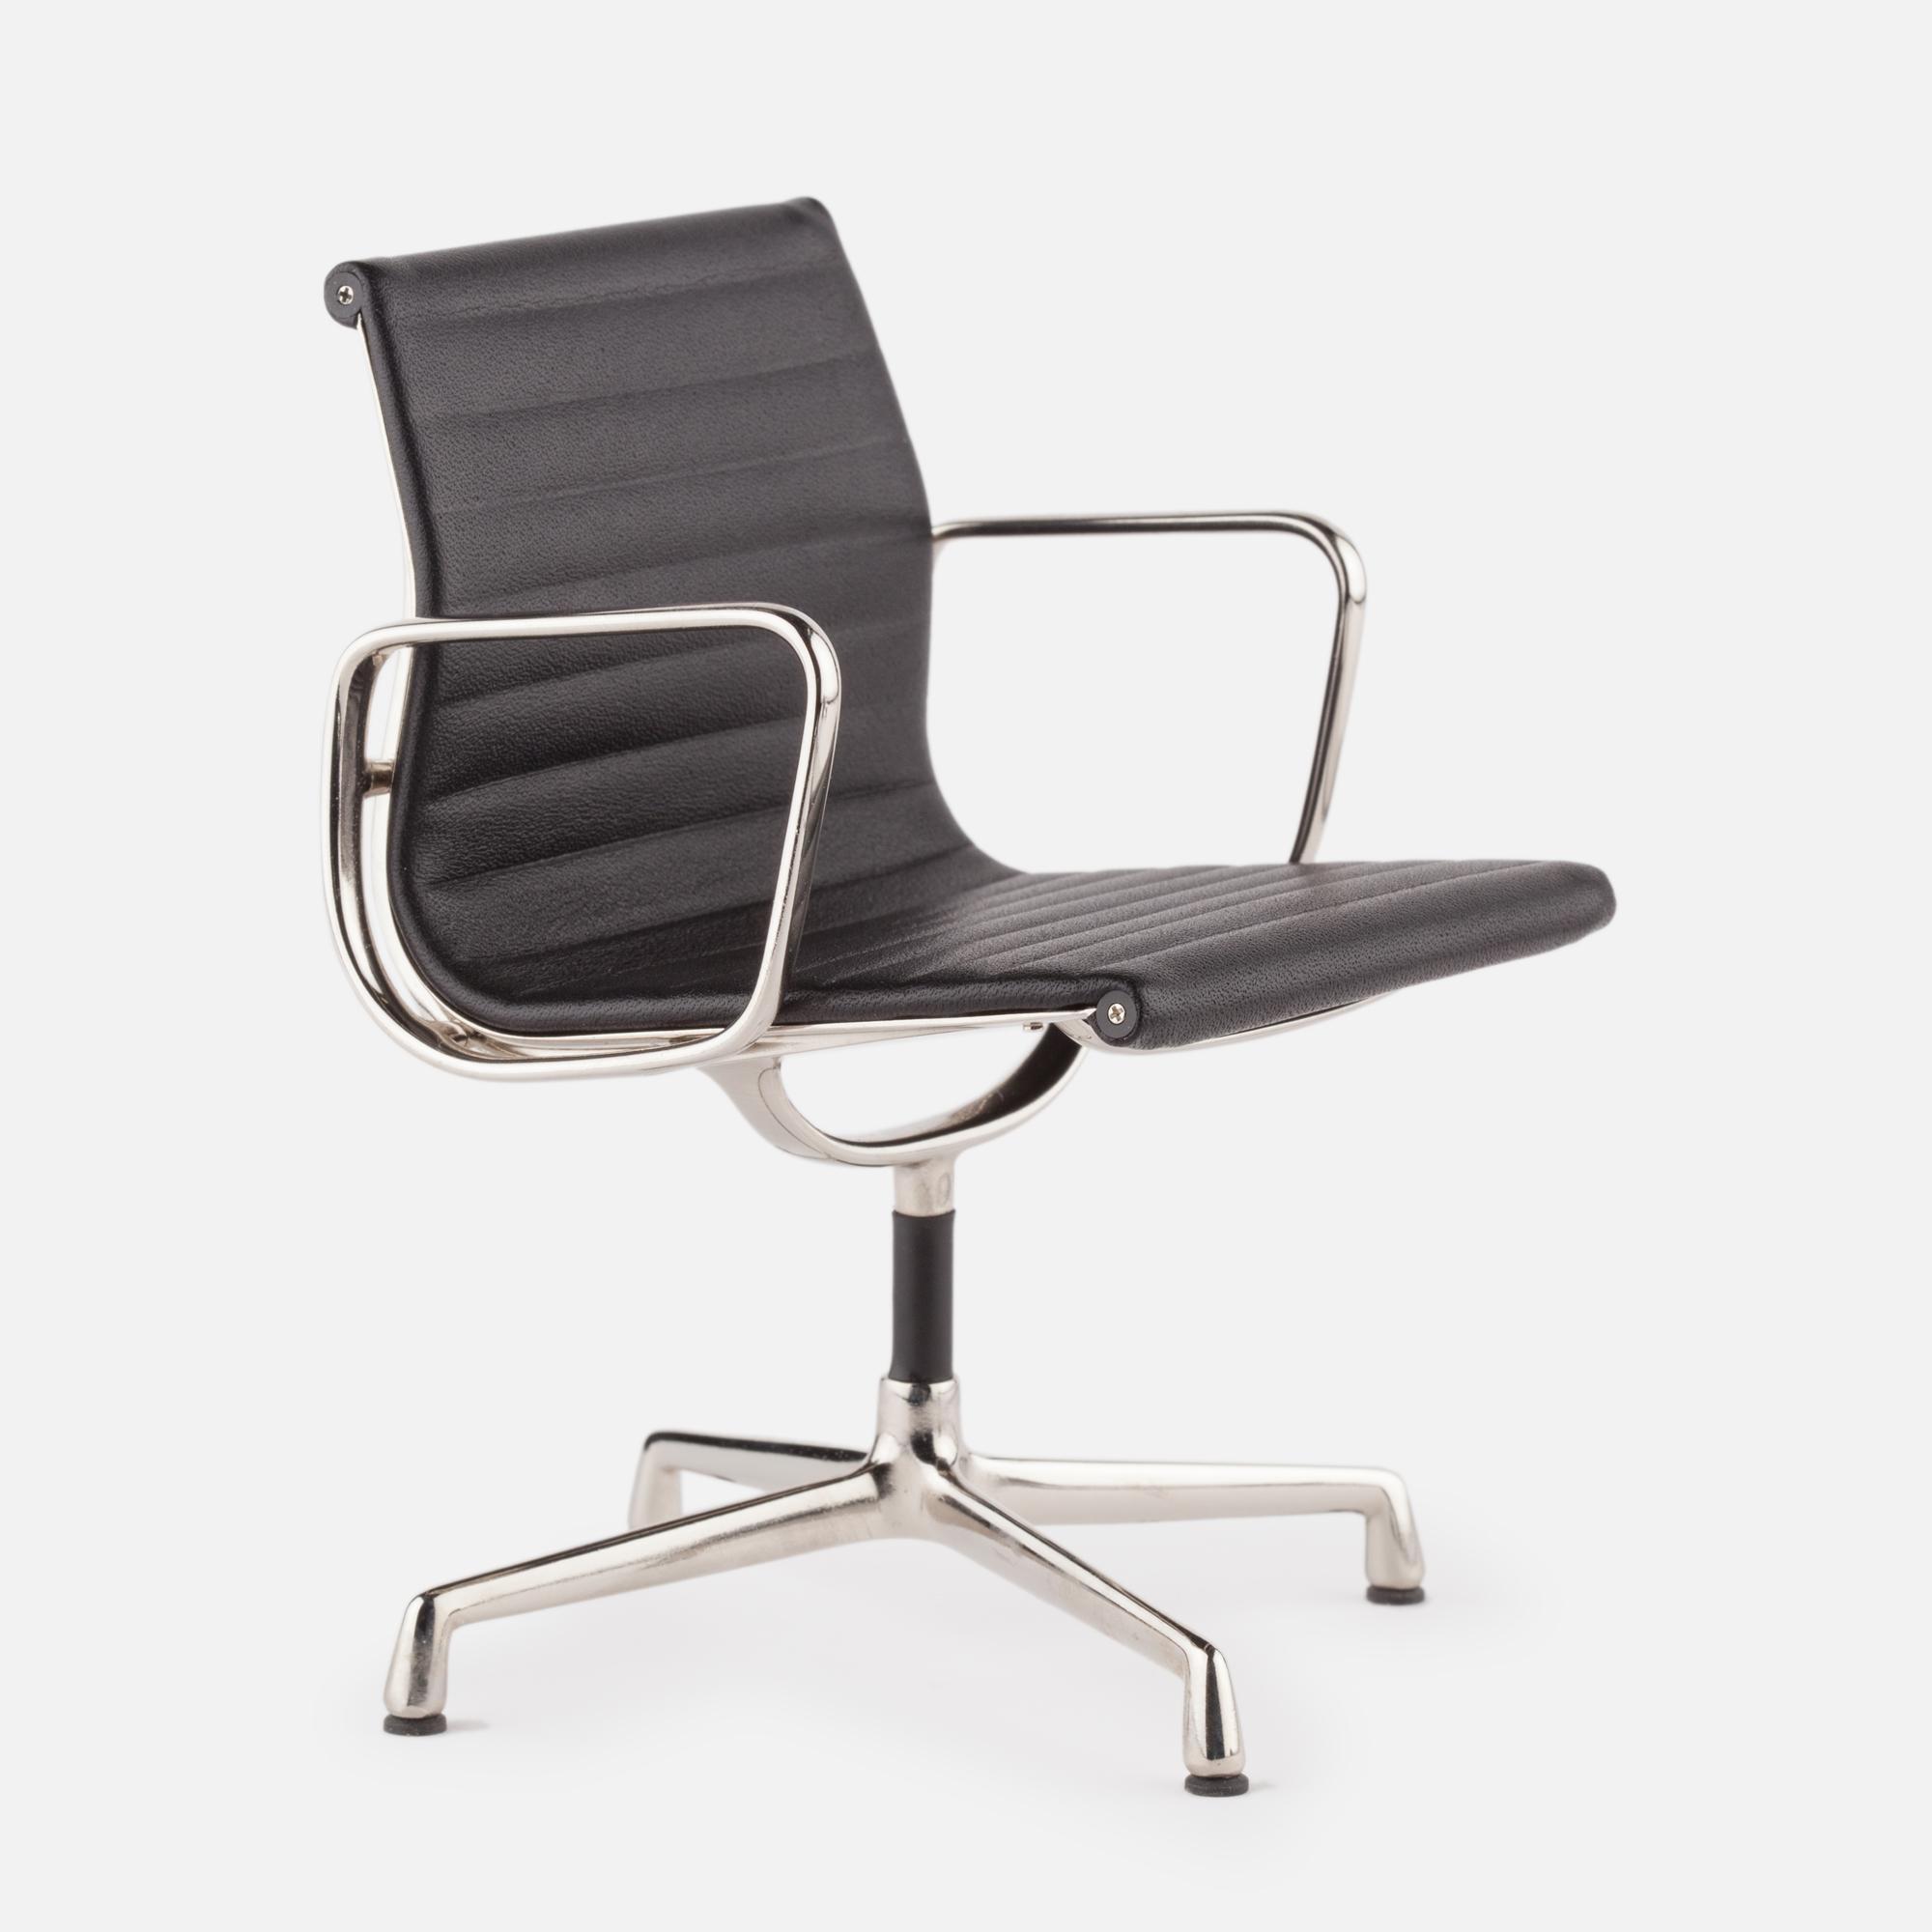 Silla Aluminium, Charles & Ray Eames, 1958